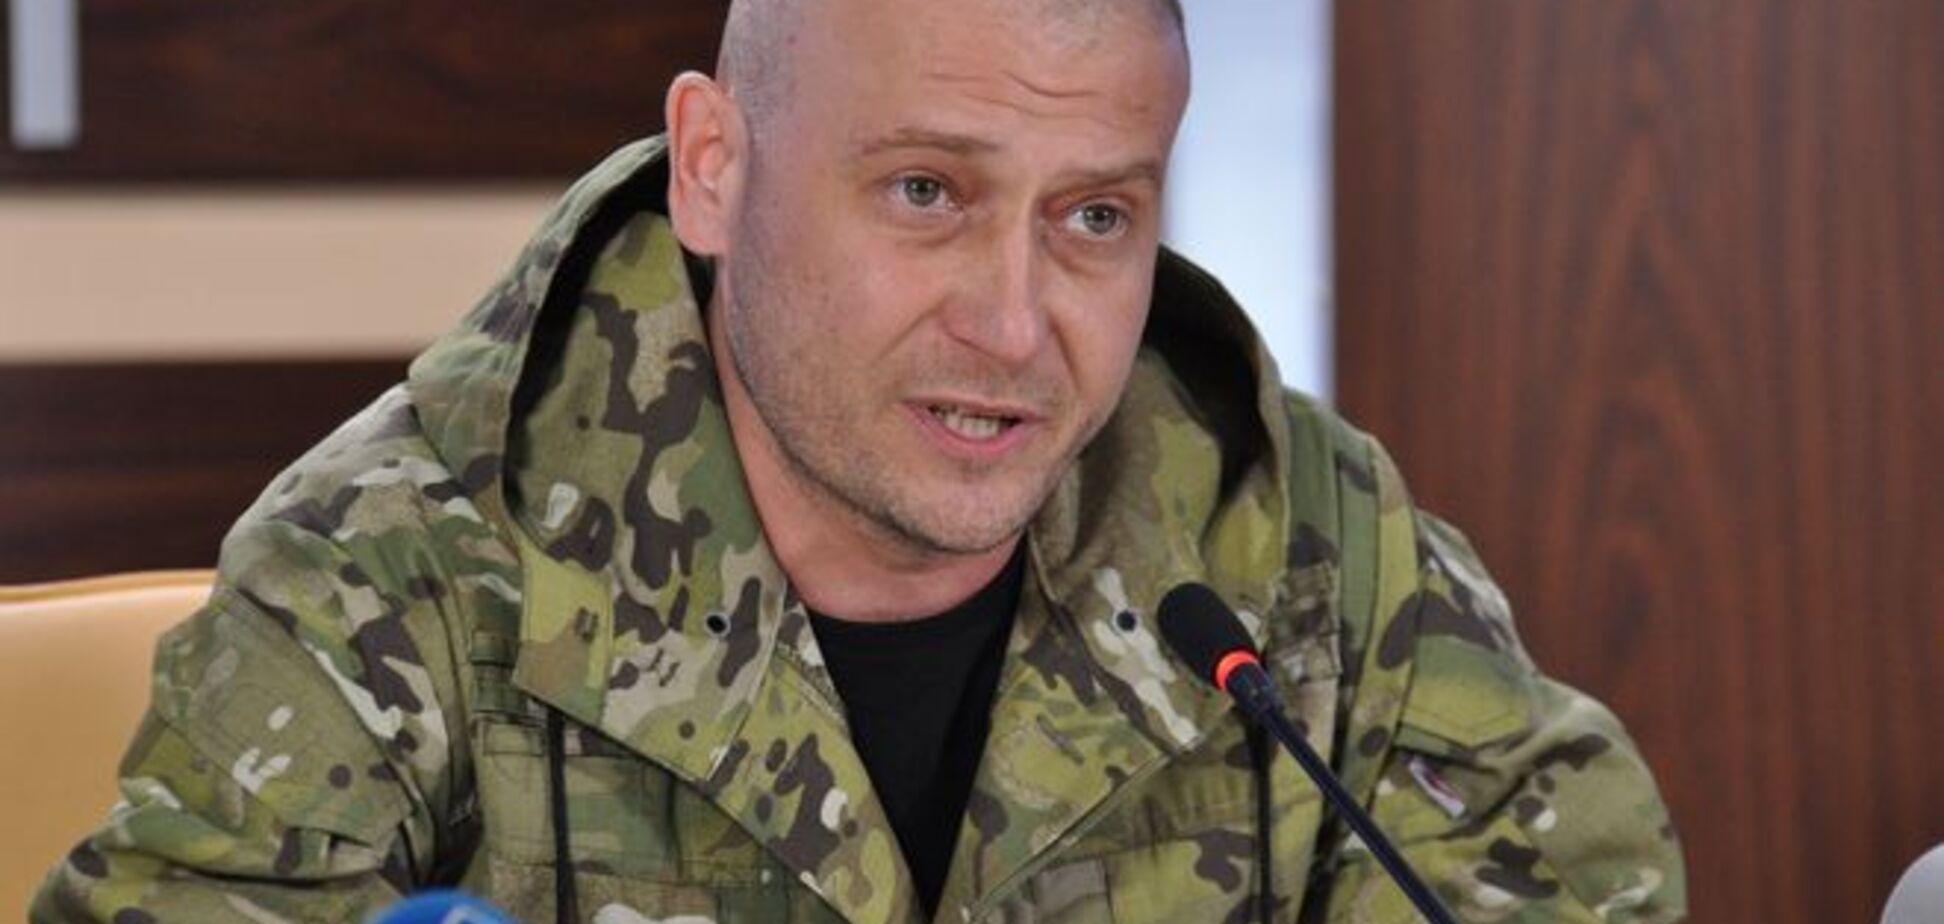 ВСУ заблокировали базу и пытались разоружить бойцов 'Правого сектора' - Ярош